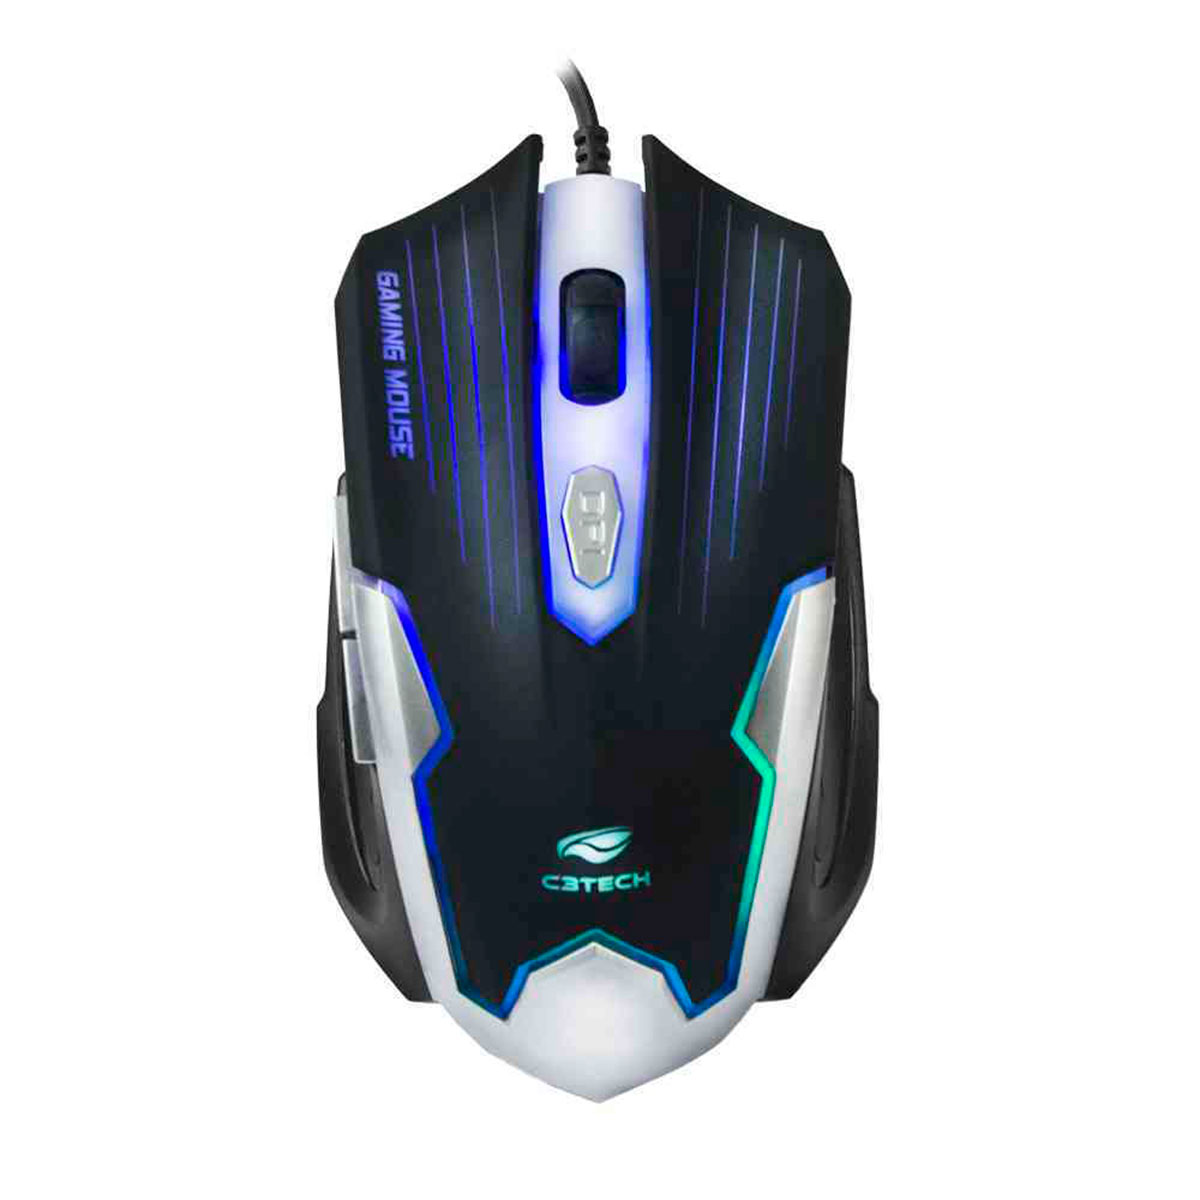 Mouse Gamer C3Tech MG-11BSI, 2400 DPI, 6 Botões, LED Multicores, USB, Preto e Prata